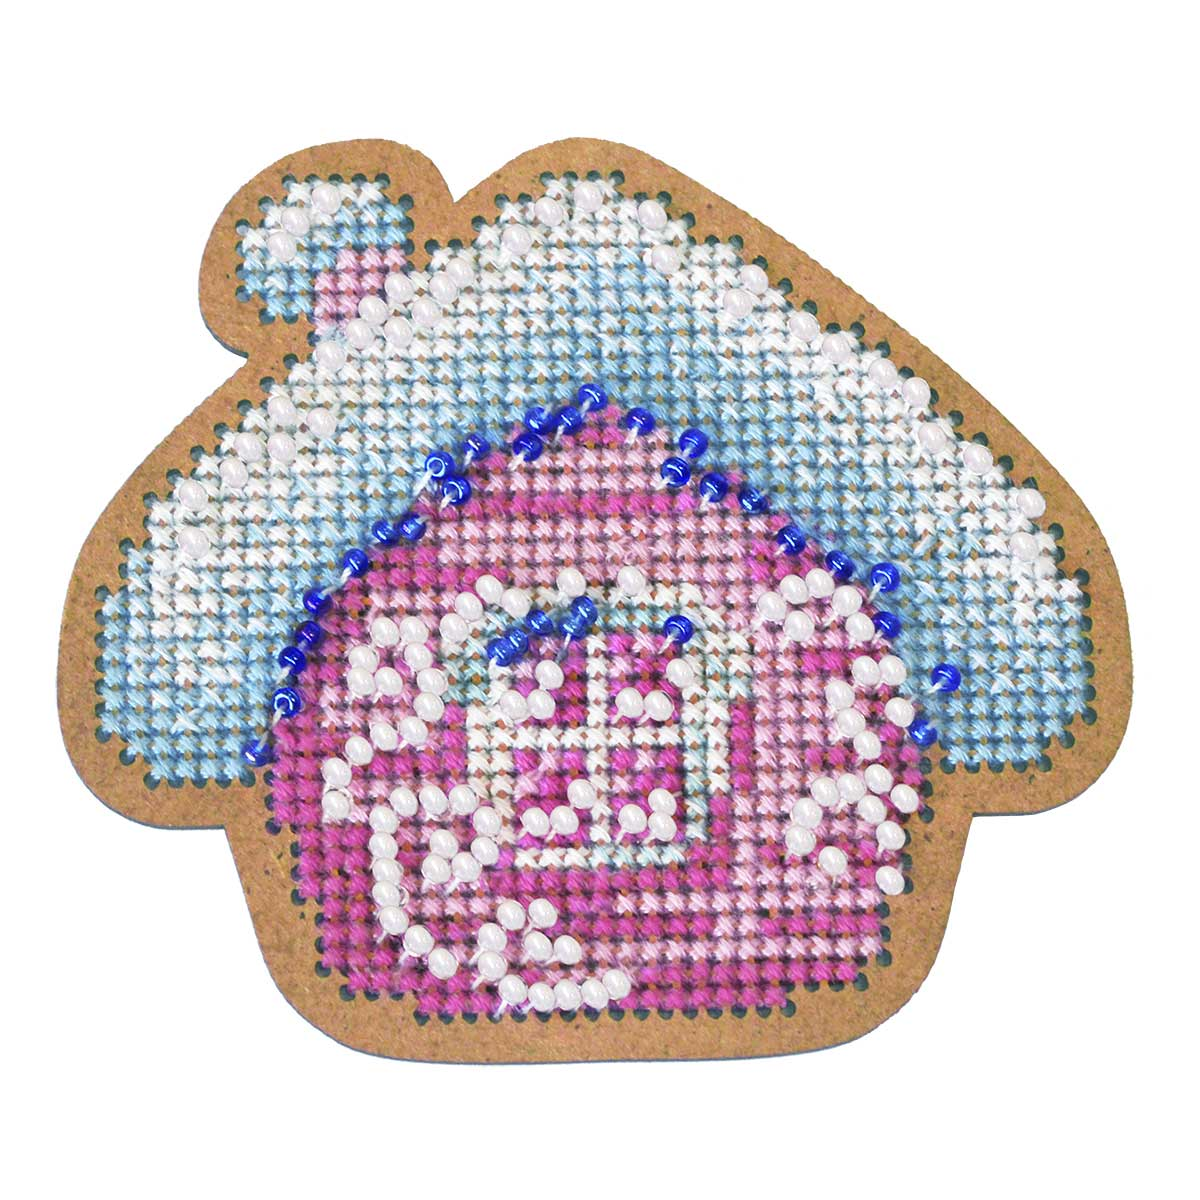 ИК-002 Набор для вышивания крестом на основе Созвездие 'Новогодняя игрушка 'Избушка' 7*8см